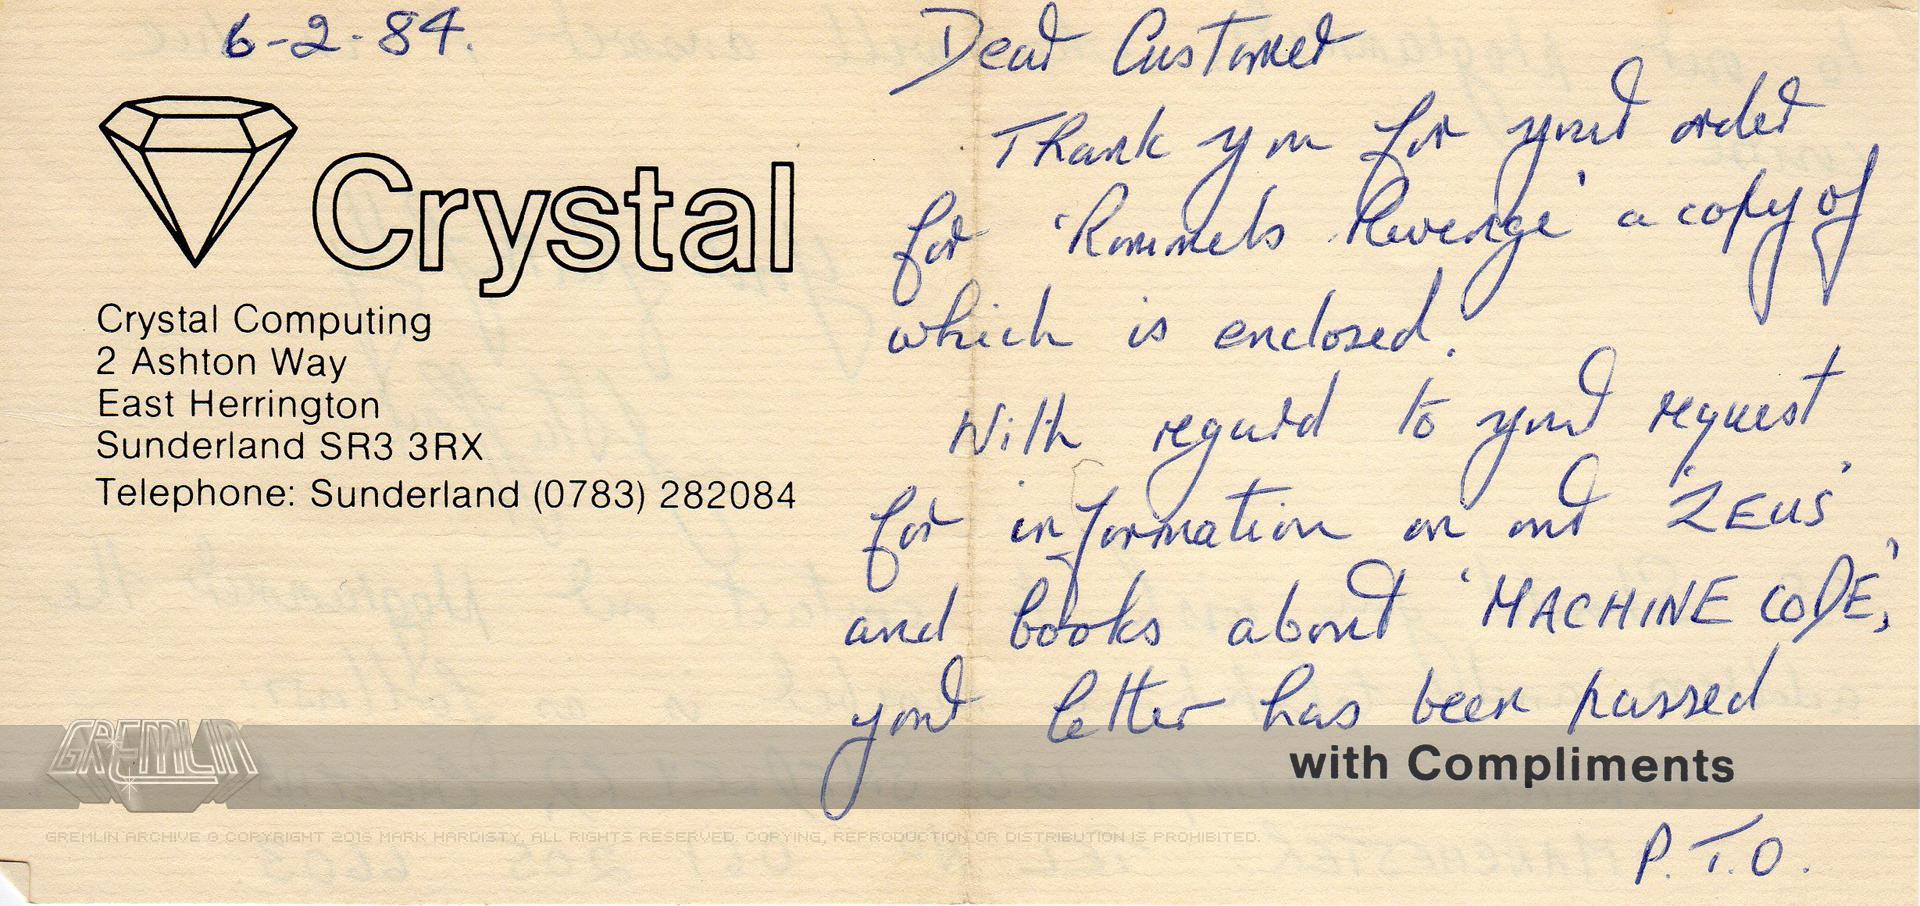 Greg Holmes Crystal Computing Correspondence